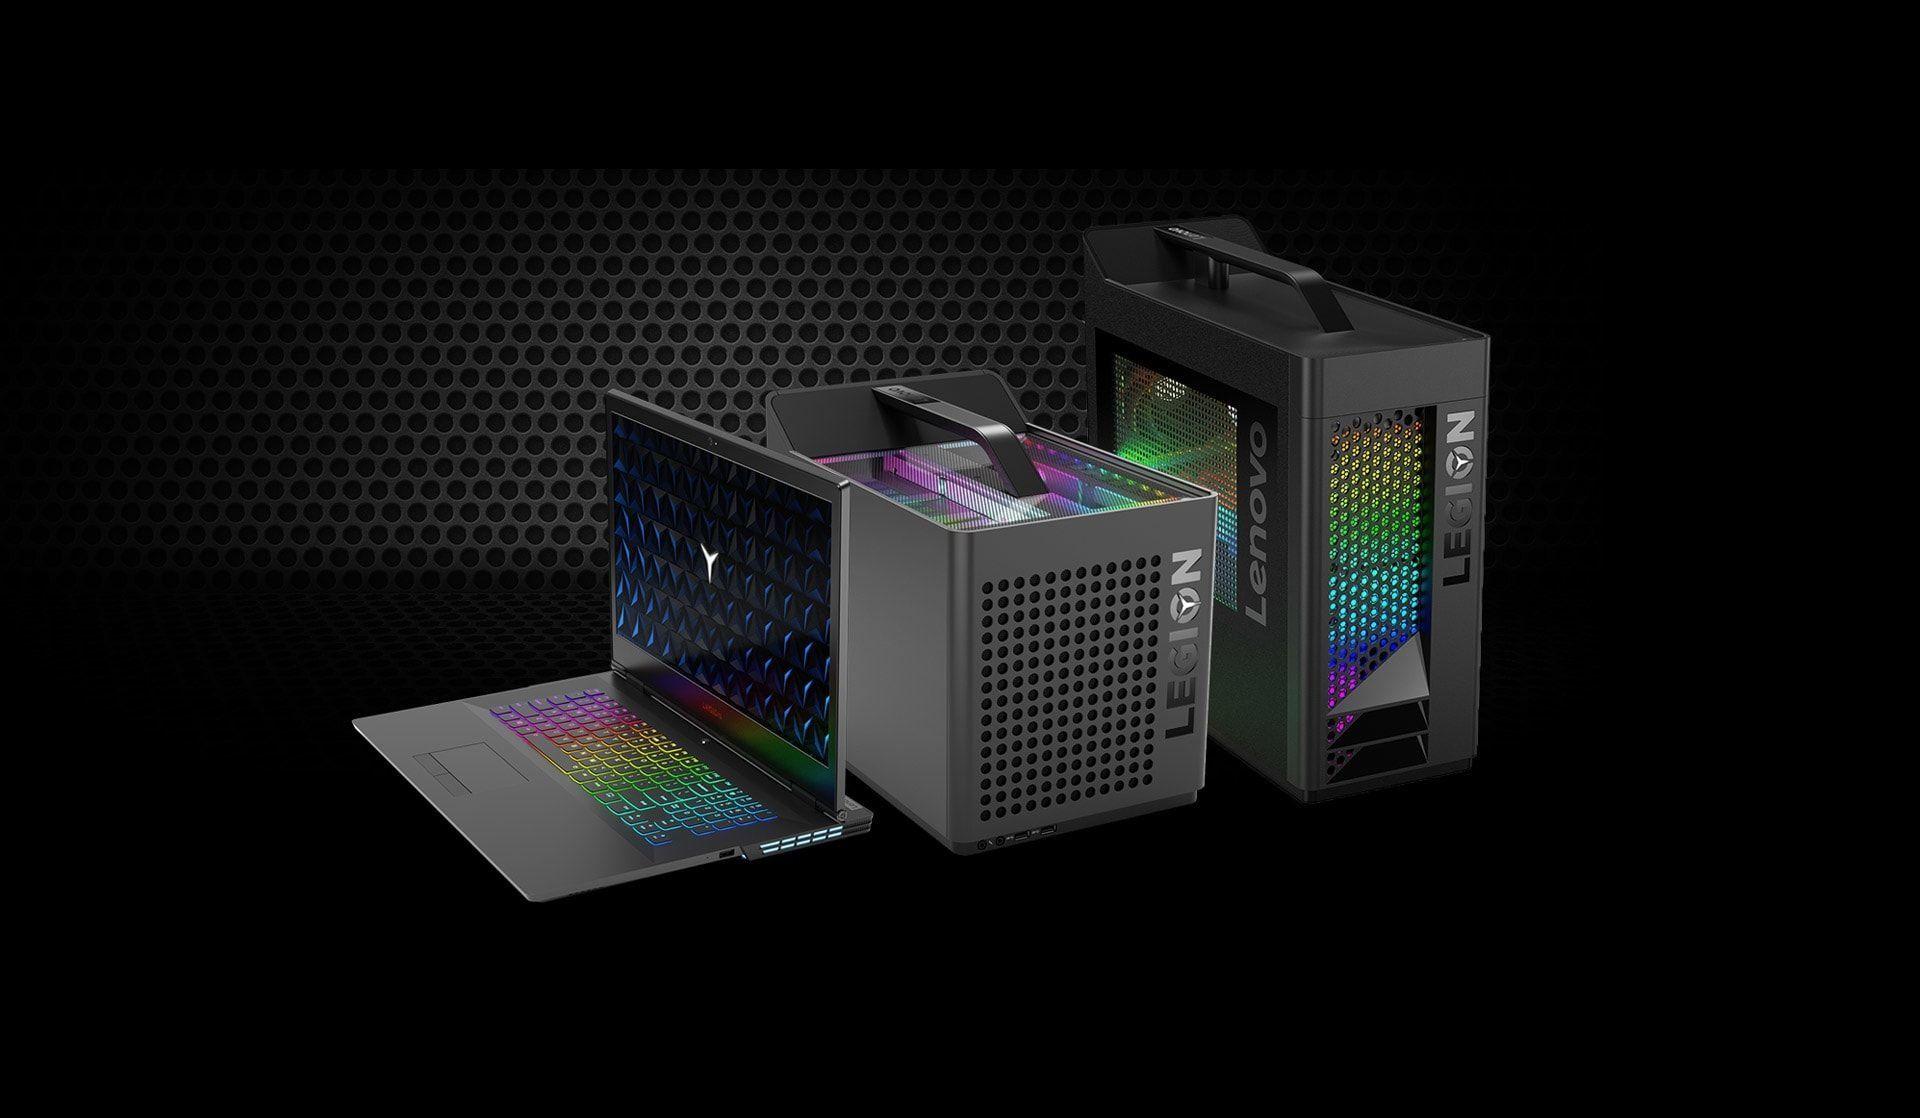 Обзор Lenovo Legion С730 Cube — ПК для геймеров